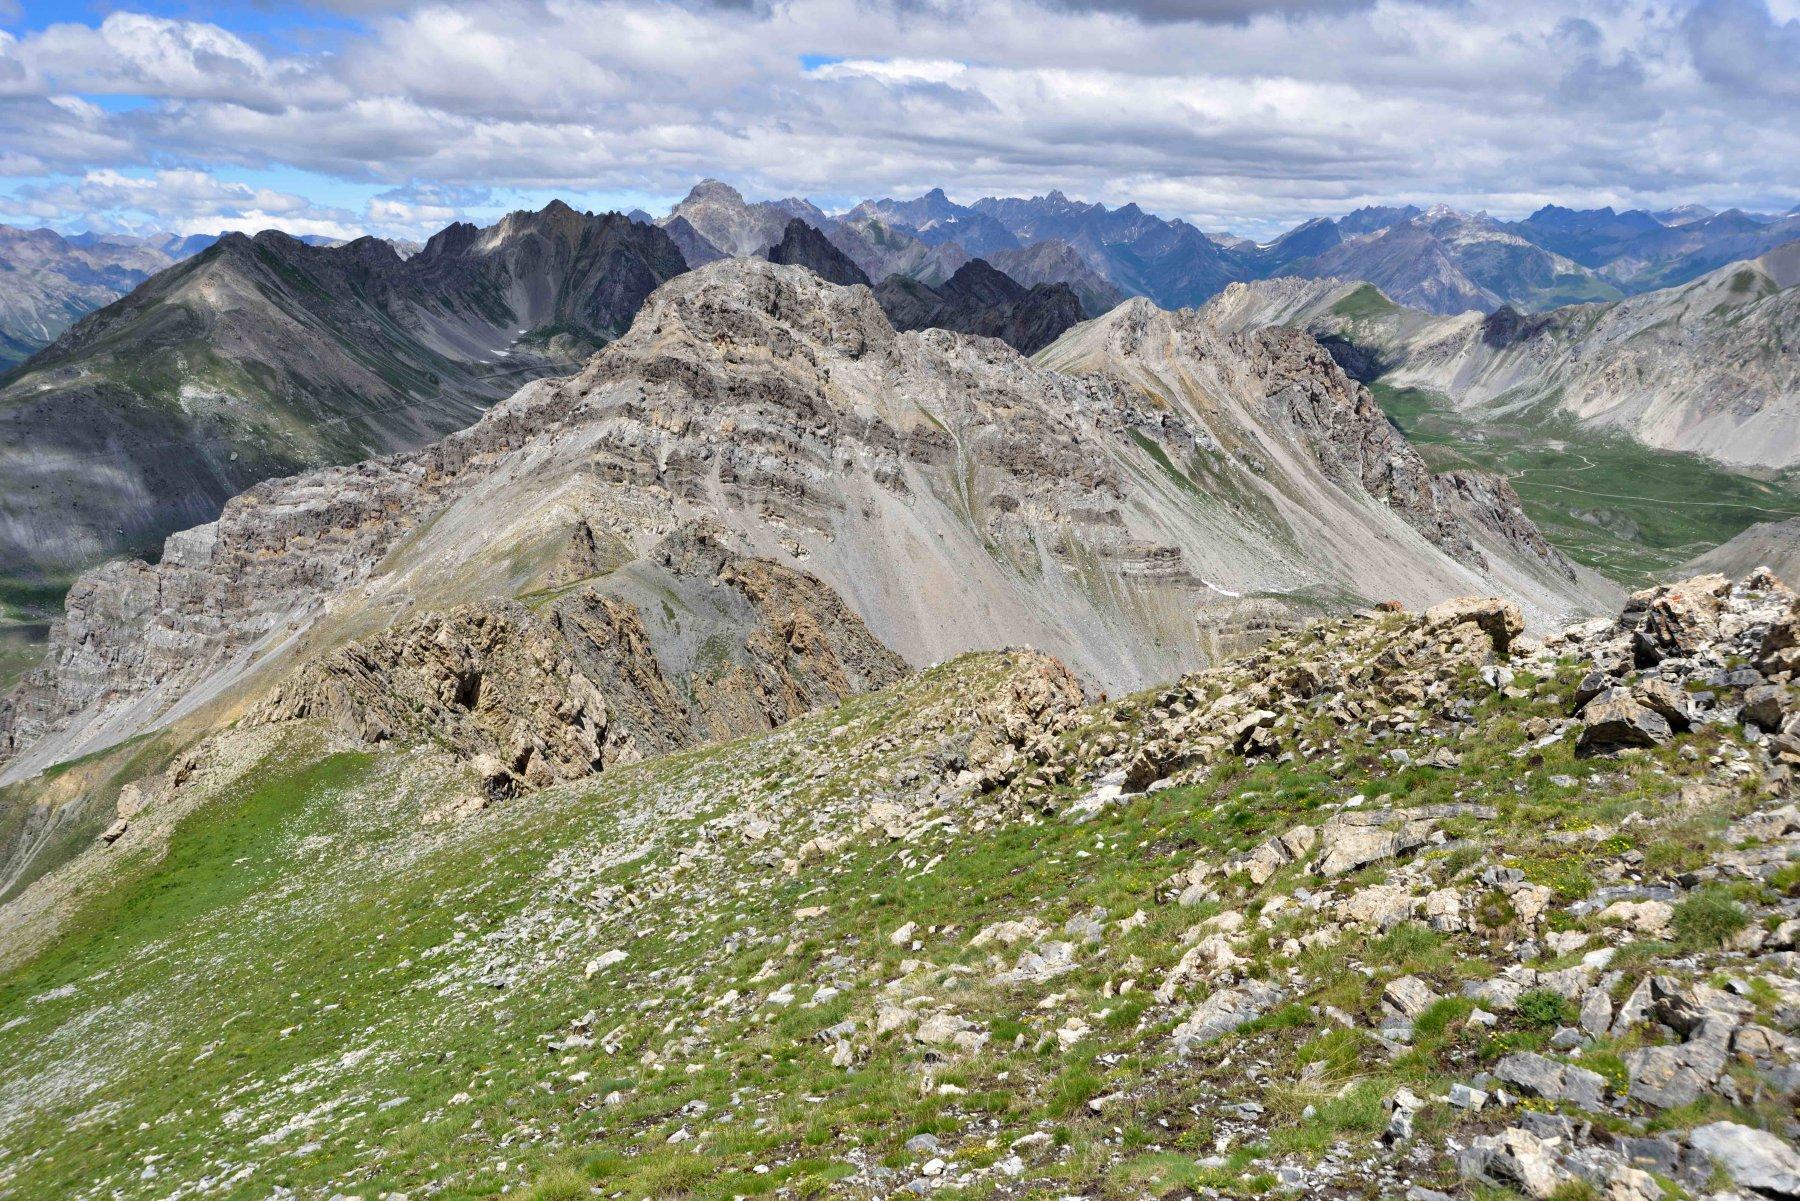 Il M.Servagno e la cresta di salita dalla vetta del M.Giordano